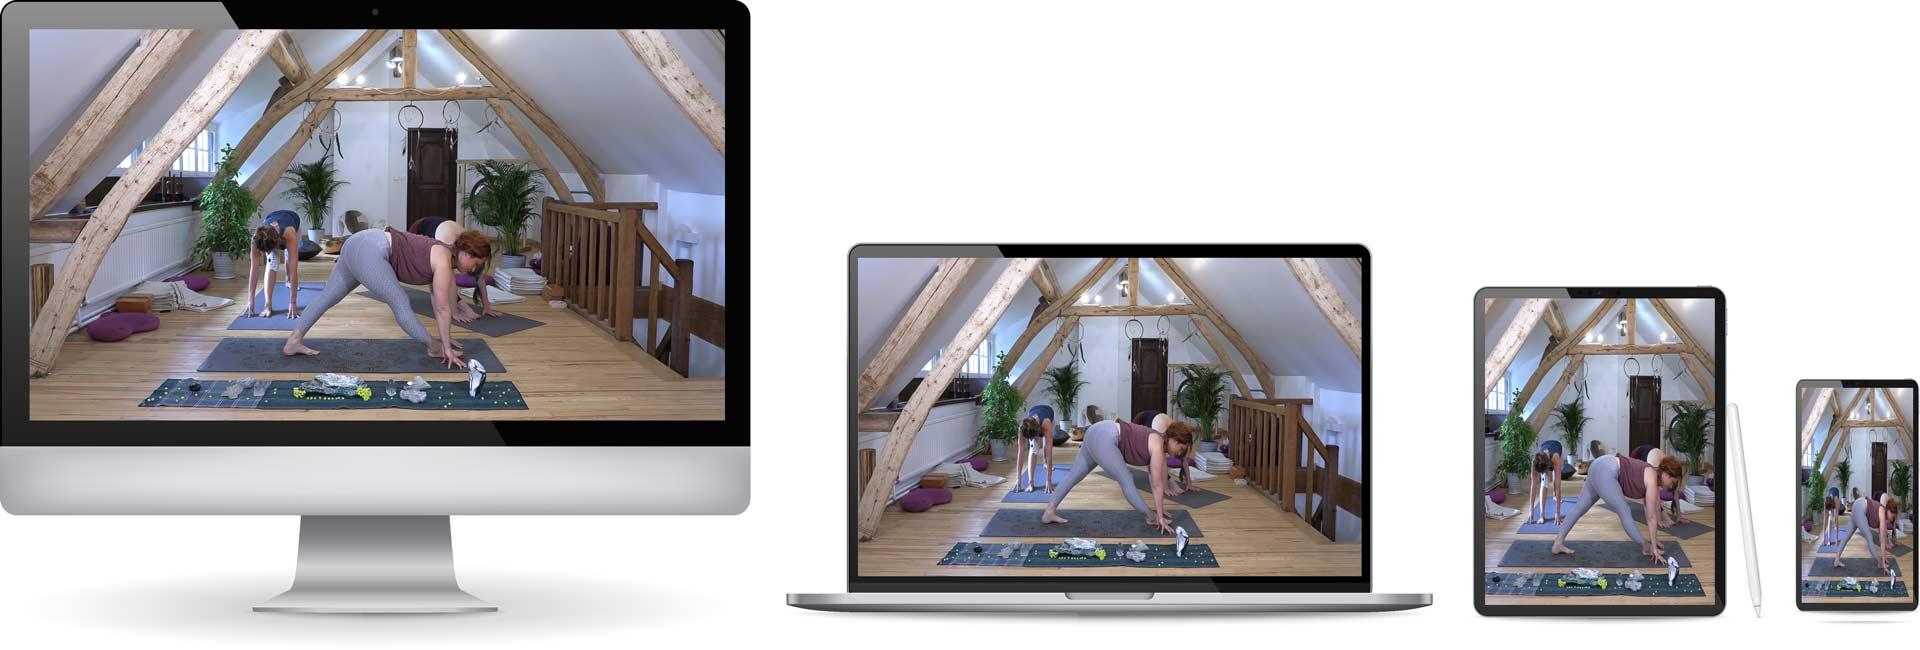 formation-yoga-initiale-en-ligne-smartphone-tablette-ordi